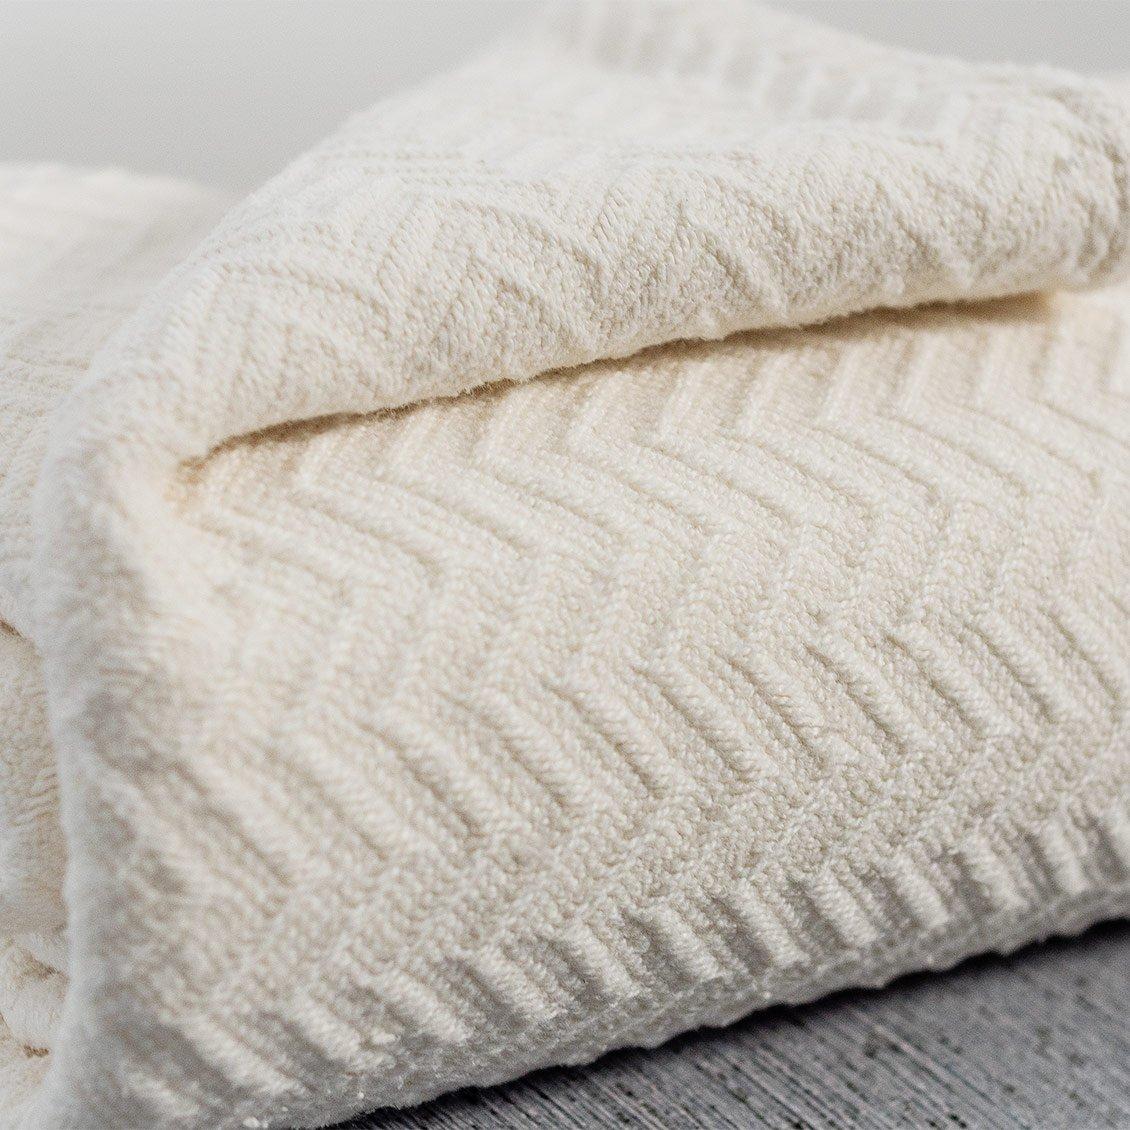 Living Fresh Full Queen Ivory Herringbone Blanket - Super Soft Plush Blanket - Comfy, Lightweight, Woven - Luxury Decorative Blanket - Botanical Blanket